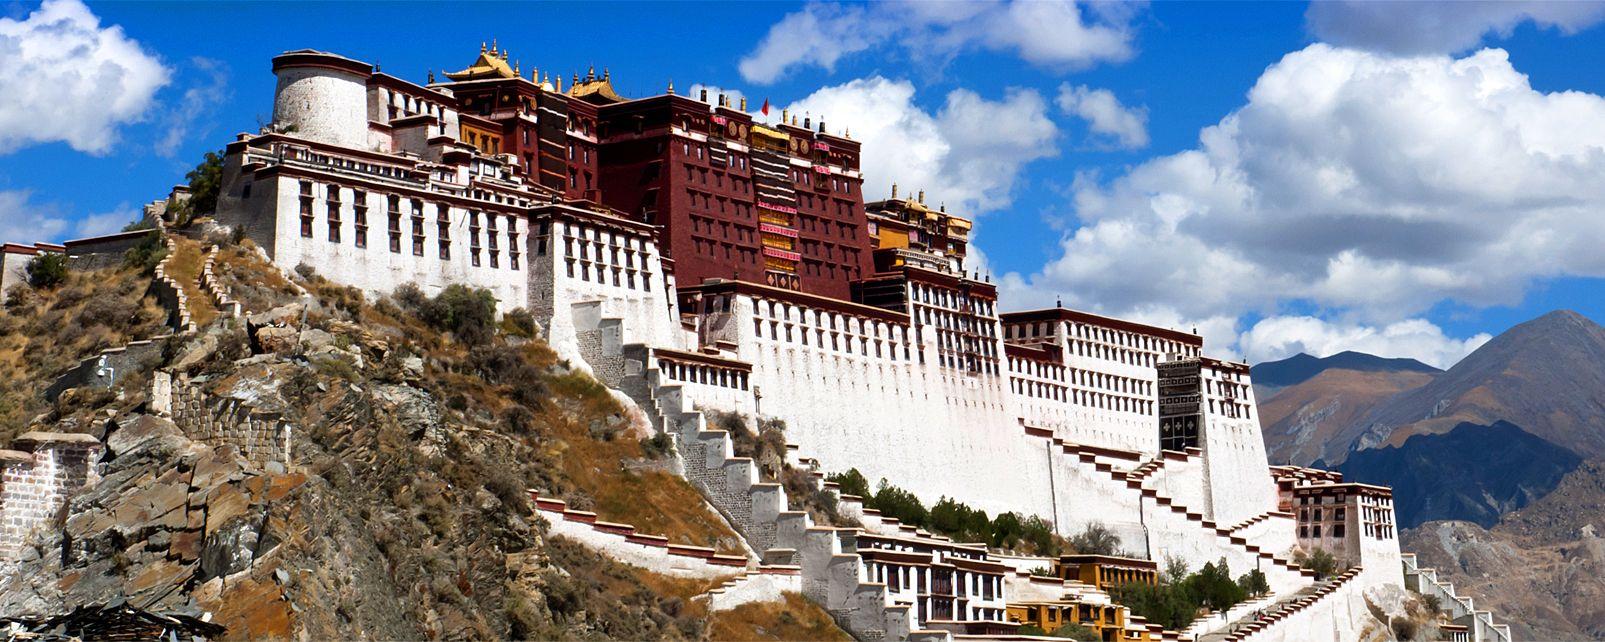 le-palais-du-potala-tibet